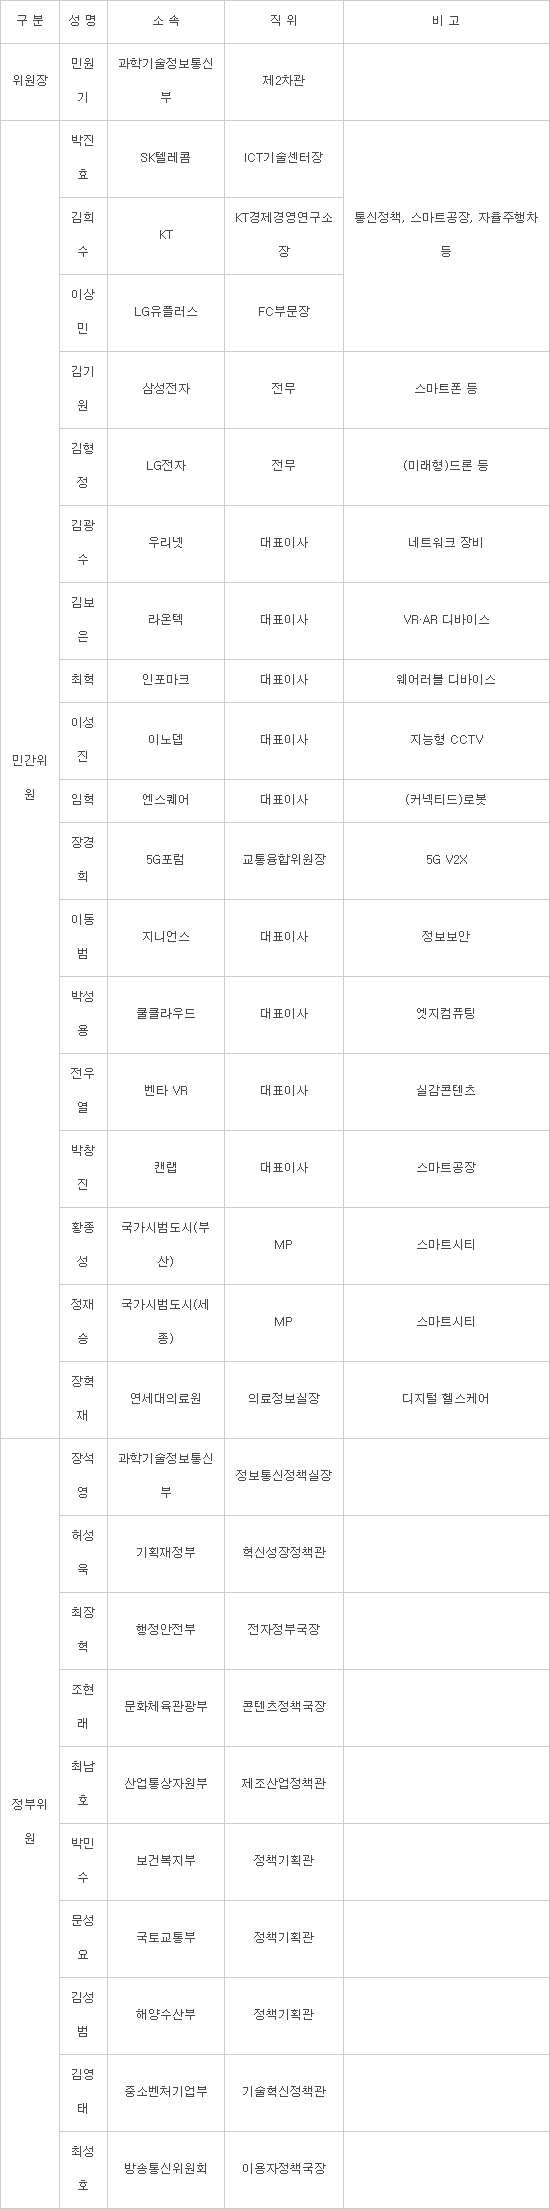 민관 합동 '5G+ 실무위원회' 가동